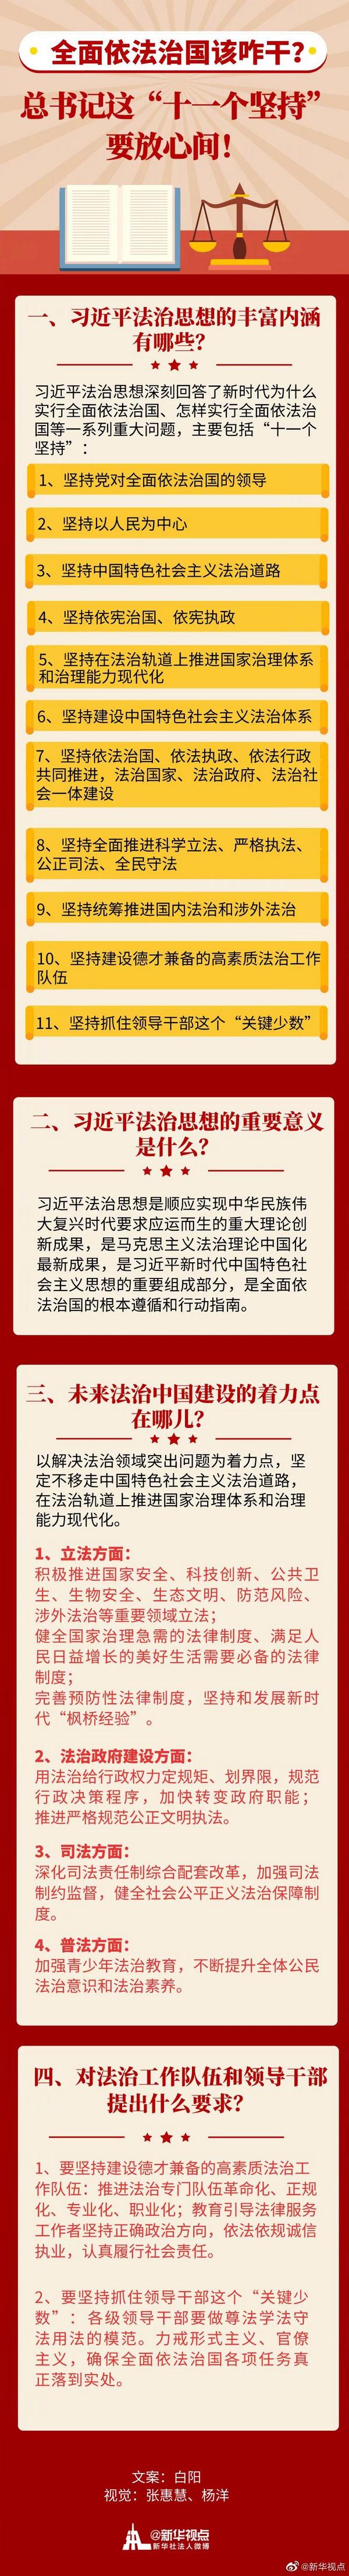 """p1-新华社 全面依法治国该咋干?总书记这""""十一个坚持""""要放心间! .jpg"""